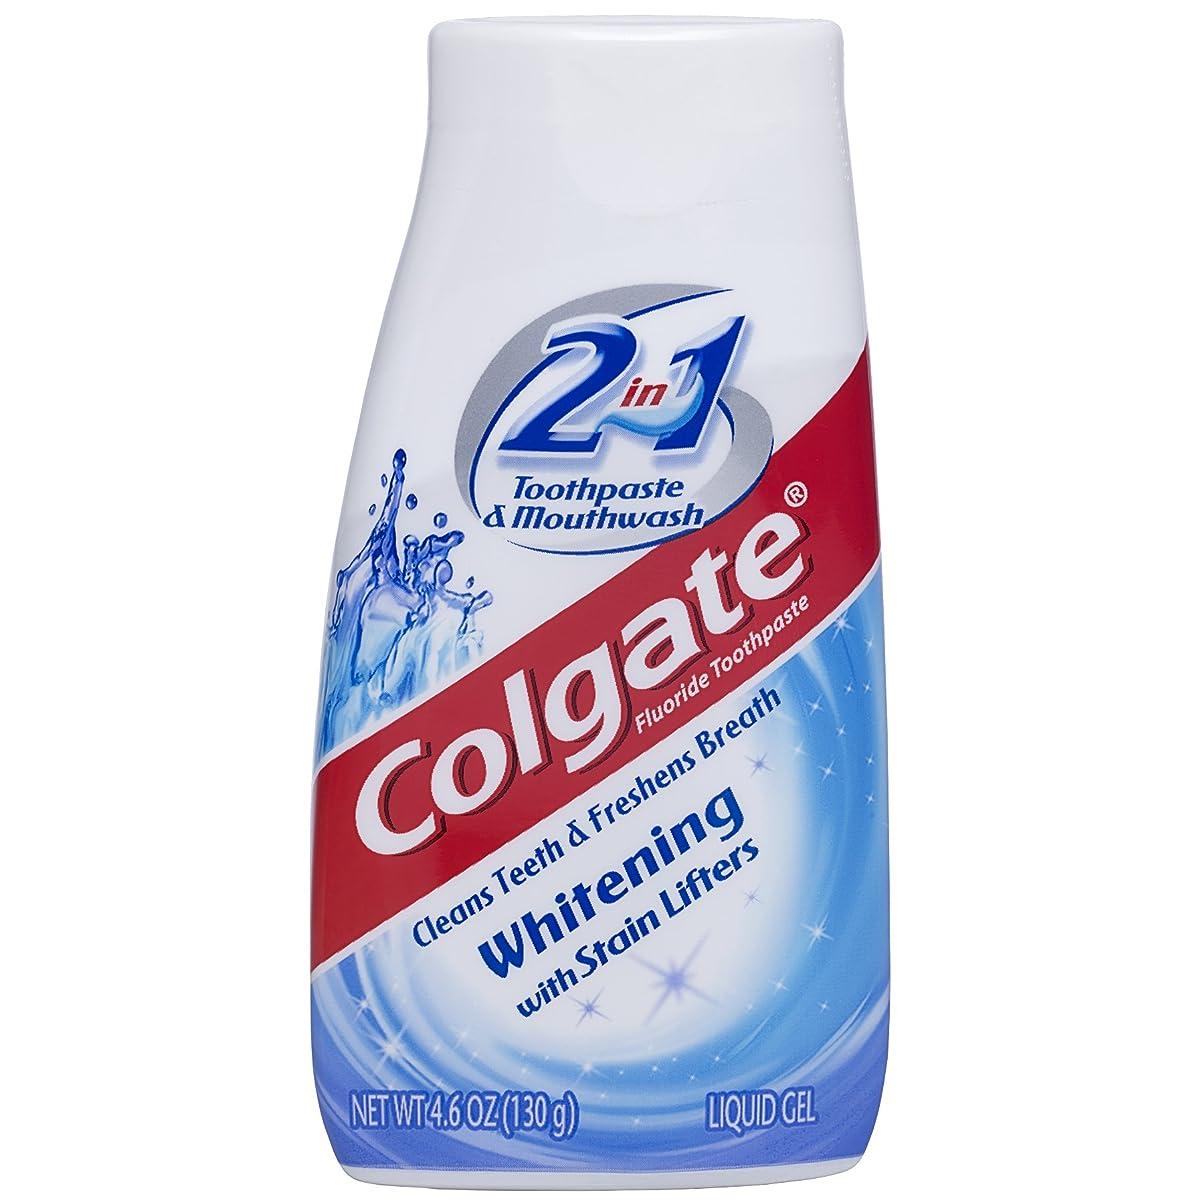 食品虫ネコ海外直送品Colgate 2 In 1 Toothpaste & Mouthwash Whitening, 4.6 oz by Colgate